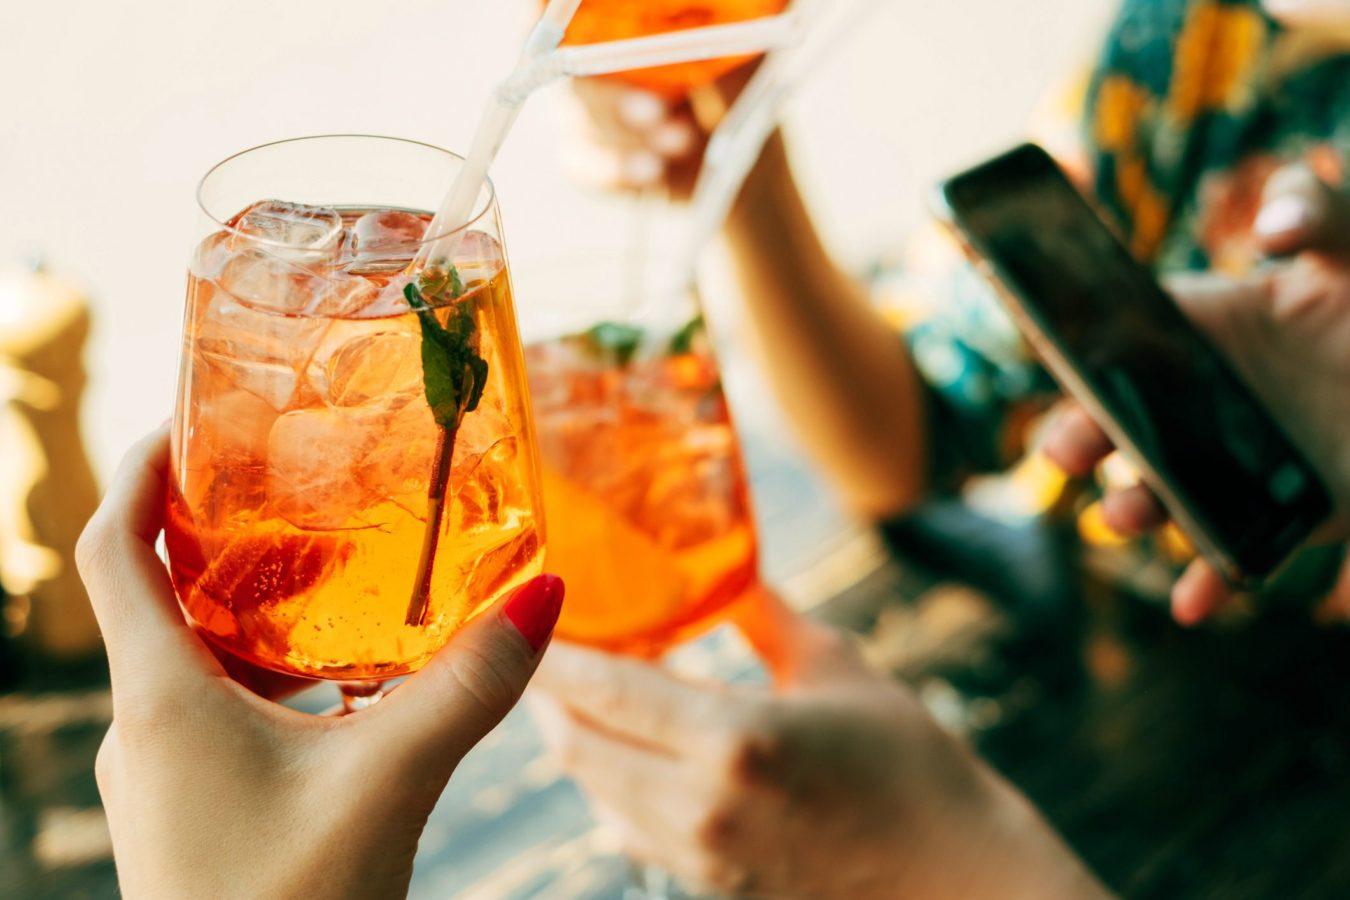 El Aperol fue difundido en España como una bebida que apoya los momentos sociales entre amigos